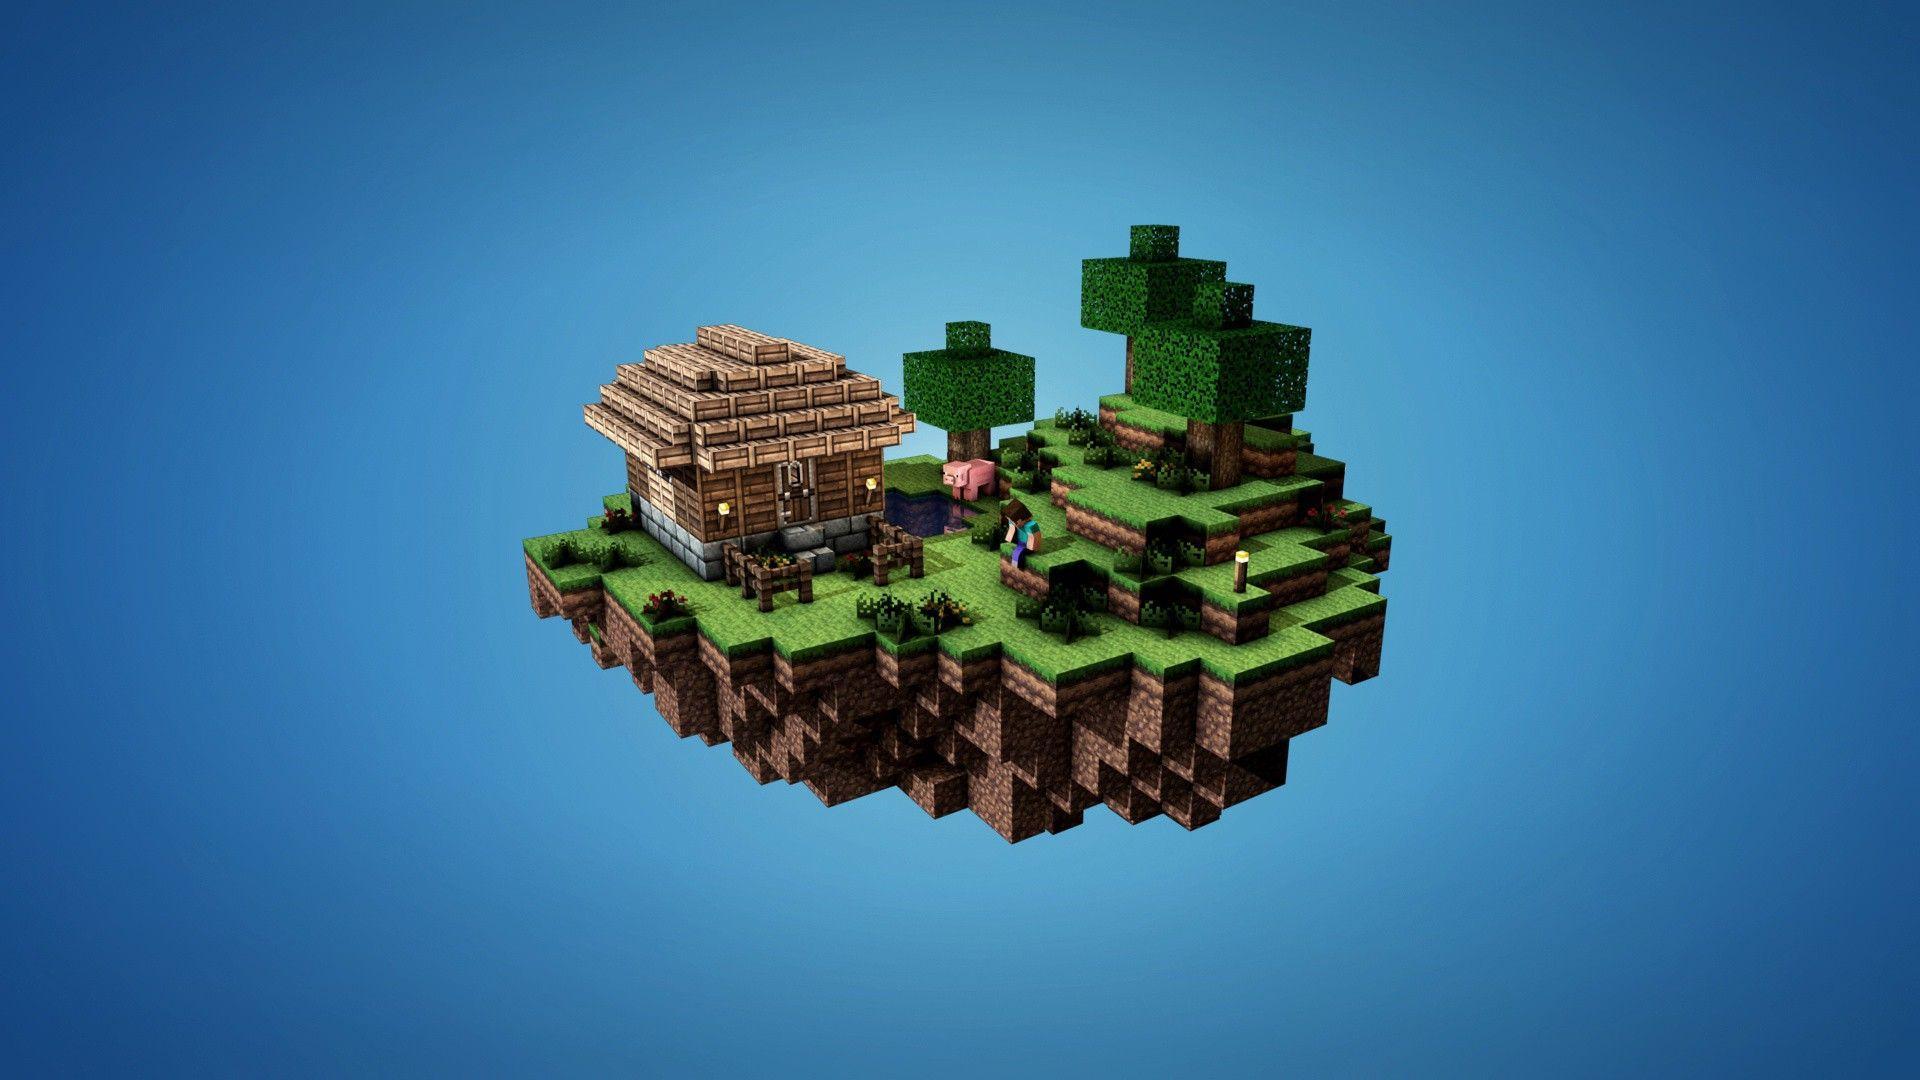 Good Wallpaper Minecraft Minimalistic - lYjI5TG  Image_43596.jpg